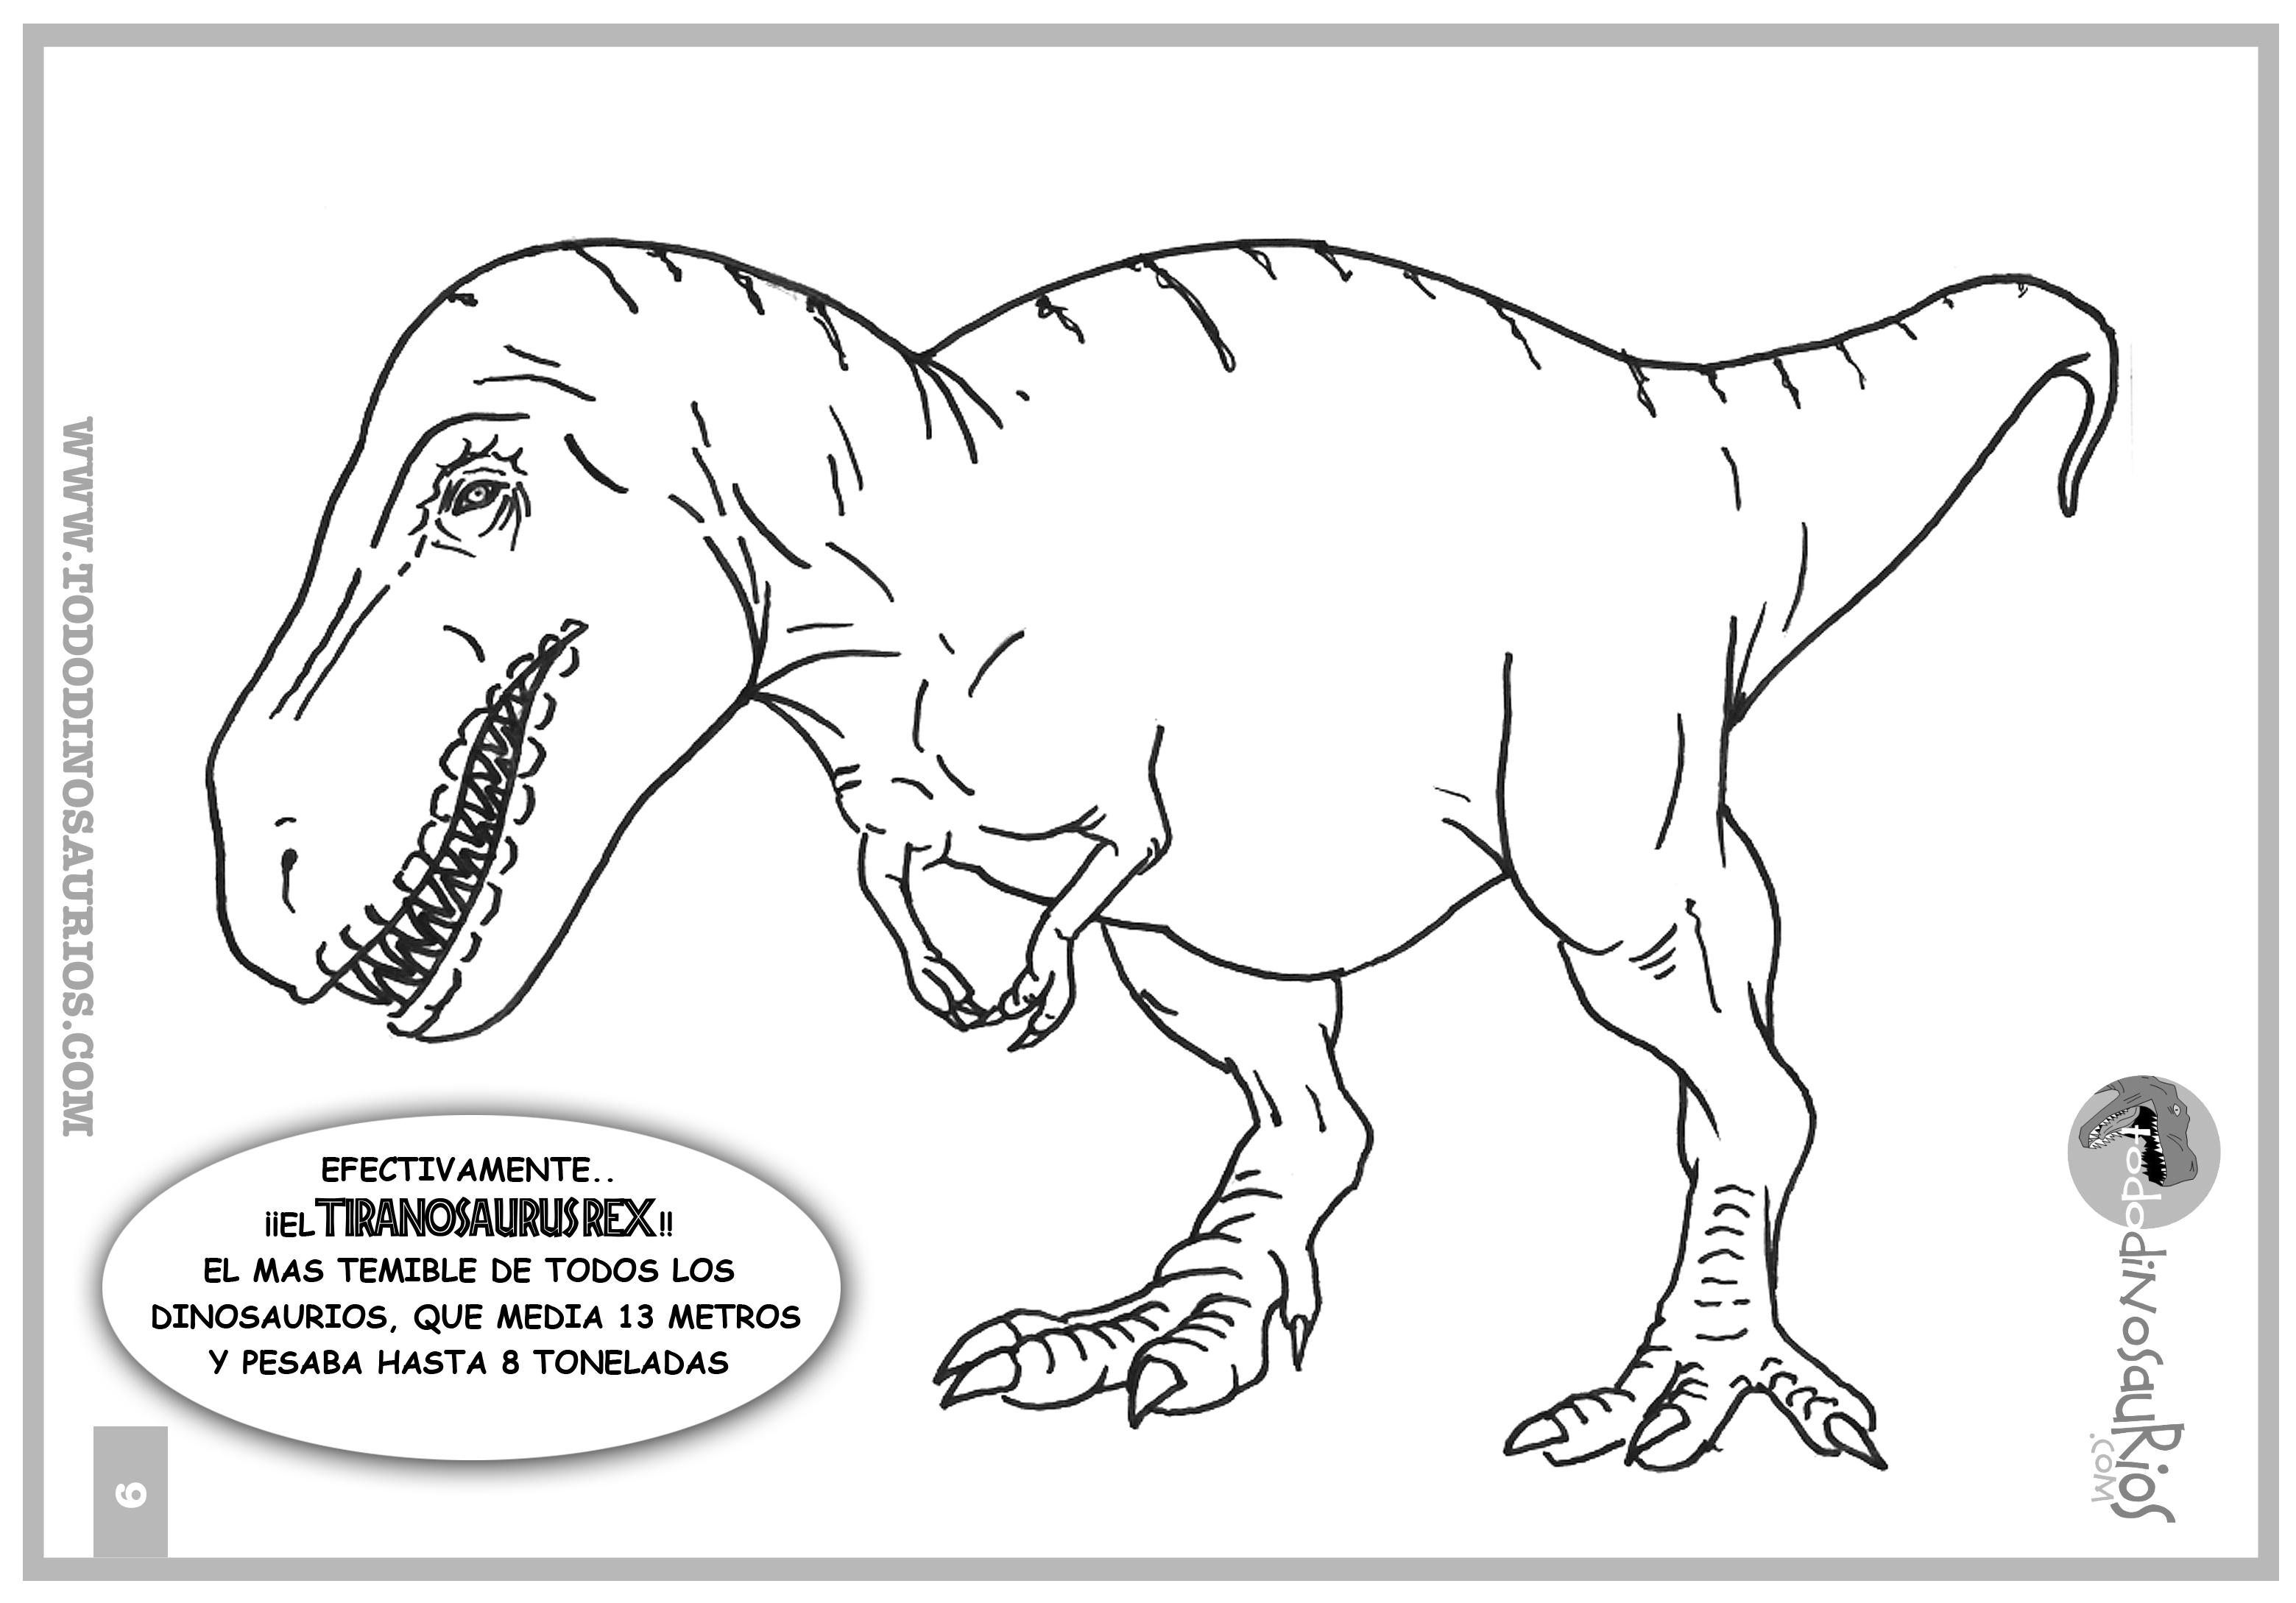 Dibujo De Dinosaurio Para Colorear Tiranosaurio Rex 2 Todo Sobre El Mundo De Los Dinosaurios 🦖¿no estás orgulloso cuando tu pequeño artista muestra un dibujo para colorear completado, su propia obra maestra? colorear tiranosaurio rex